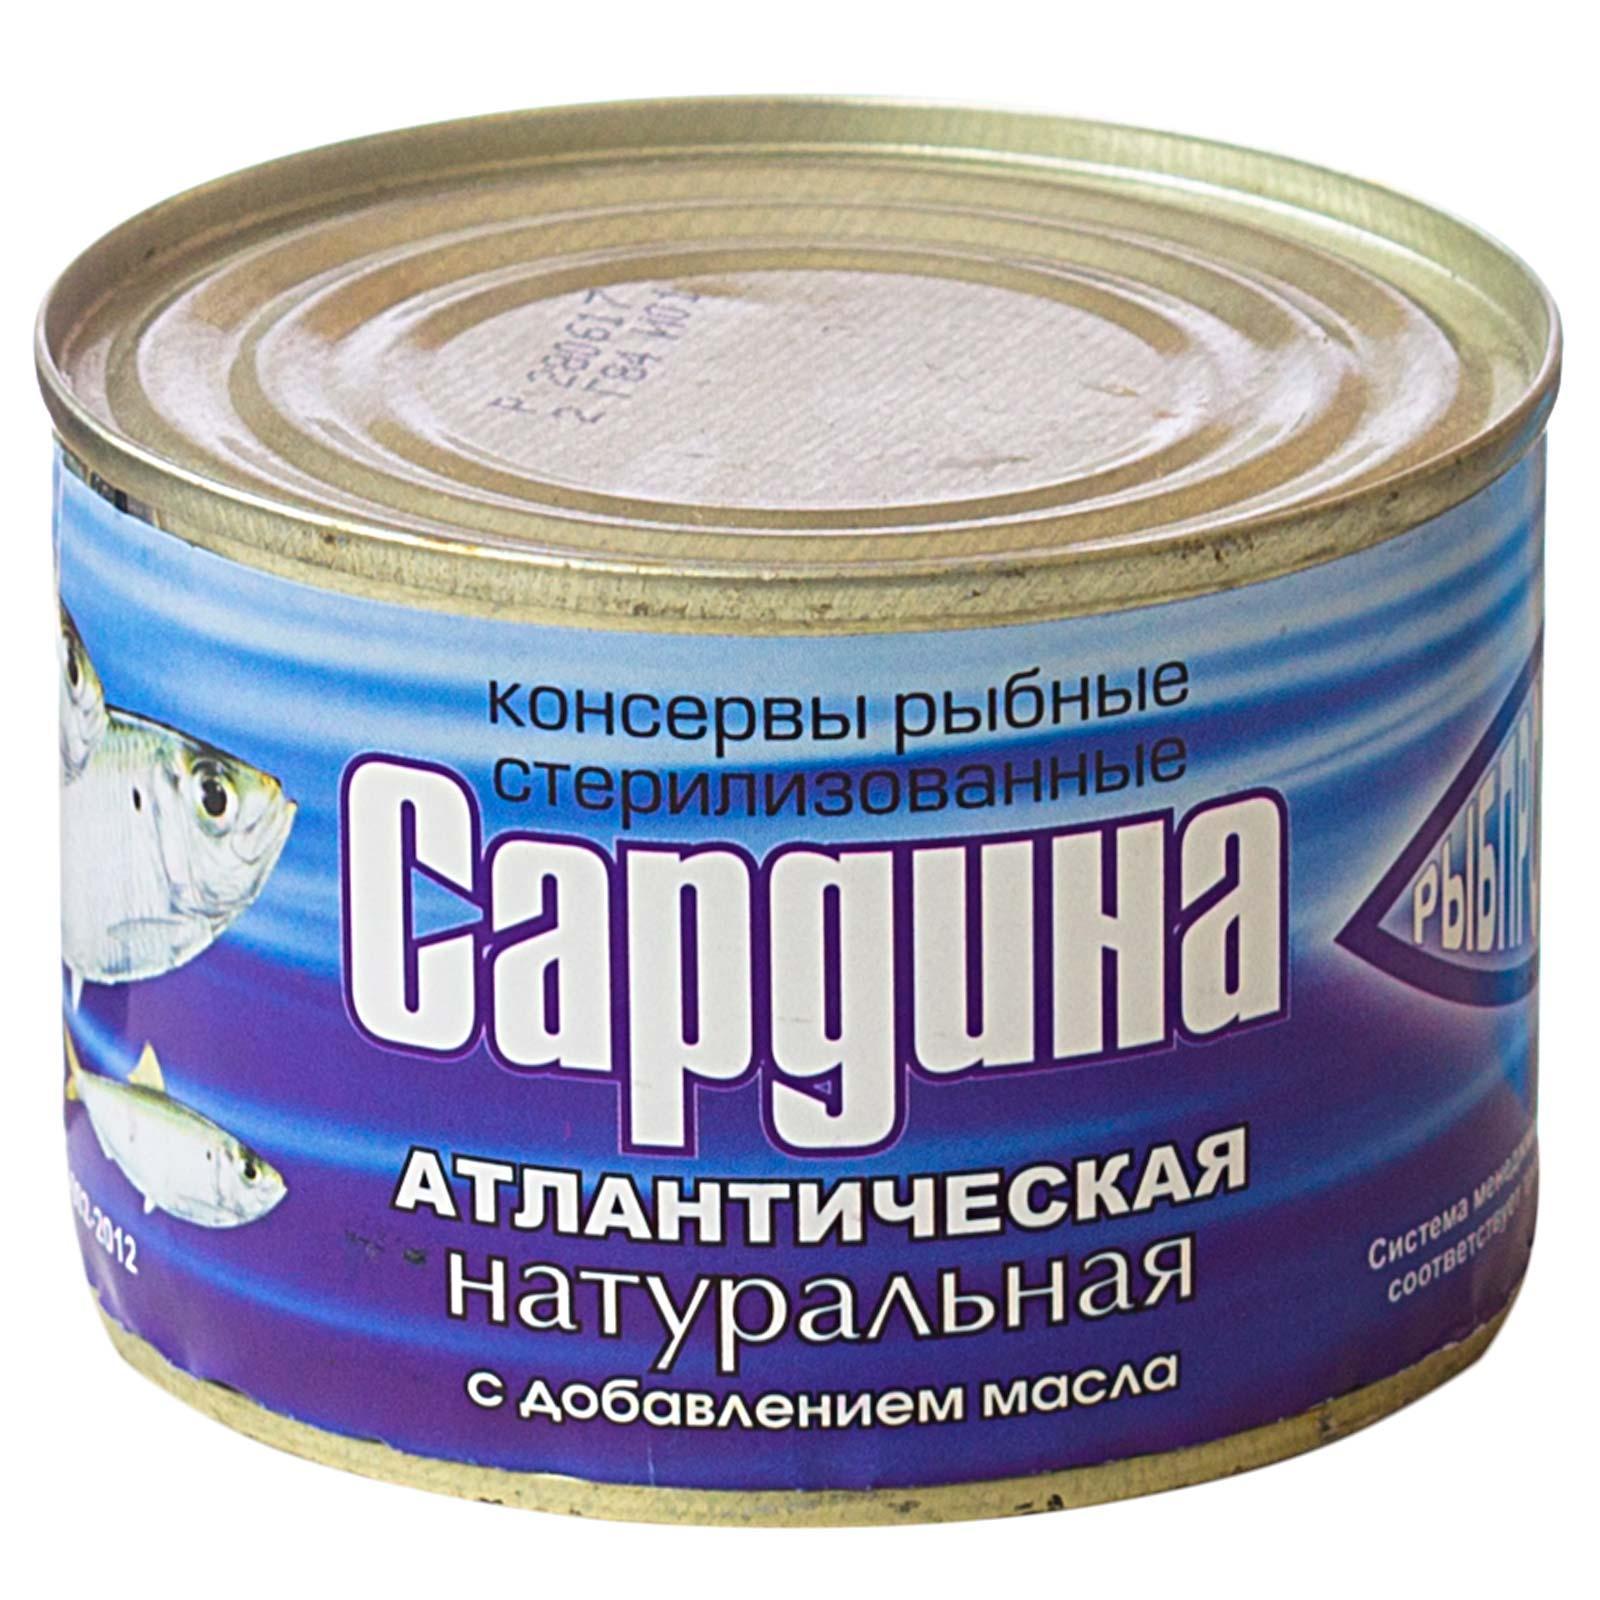 Сардина Русский рыбный мир Атлантическая натуральная с добавлением масла